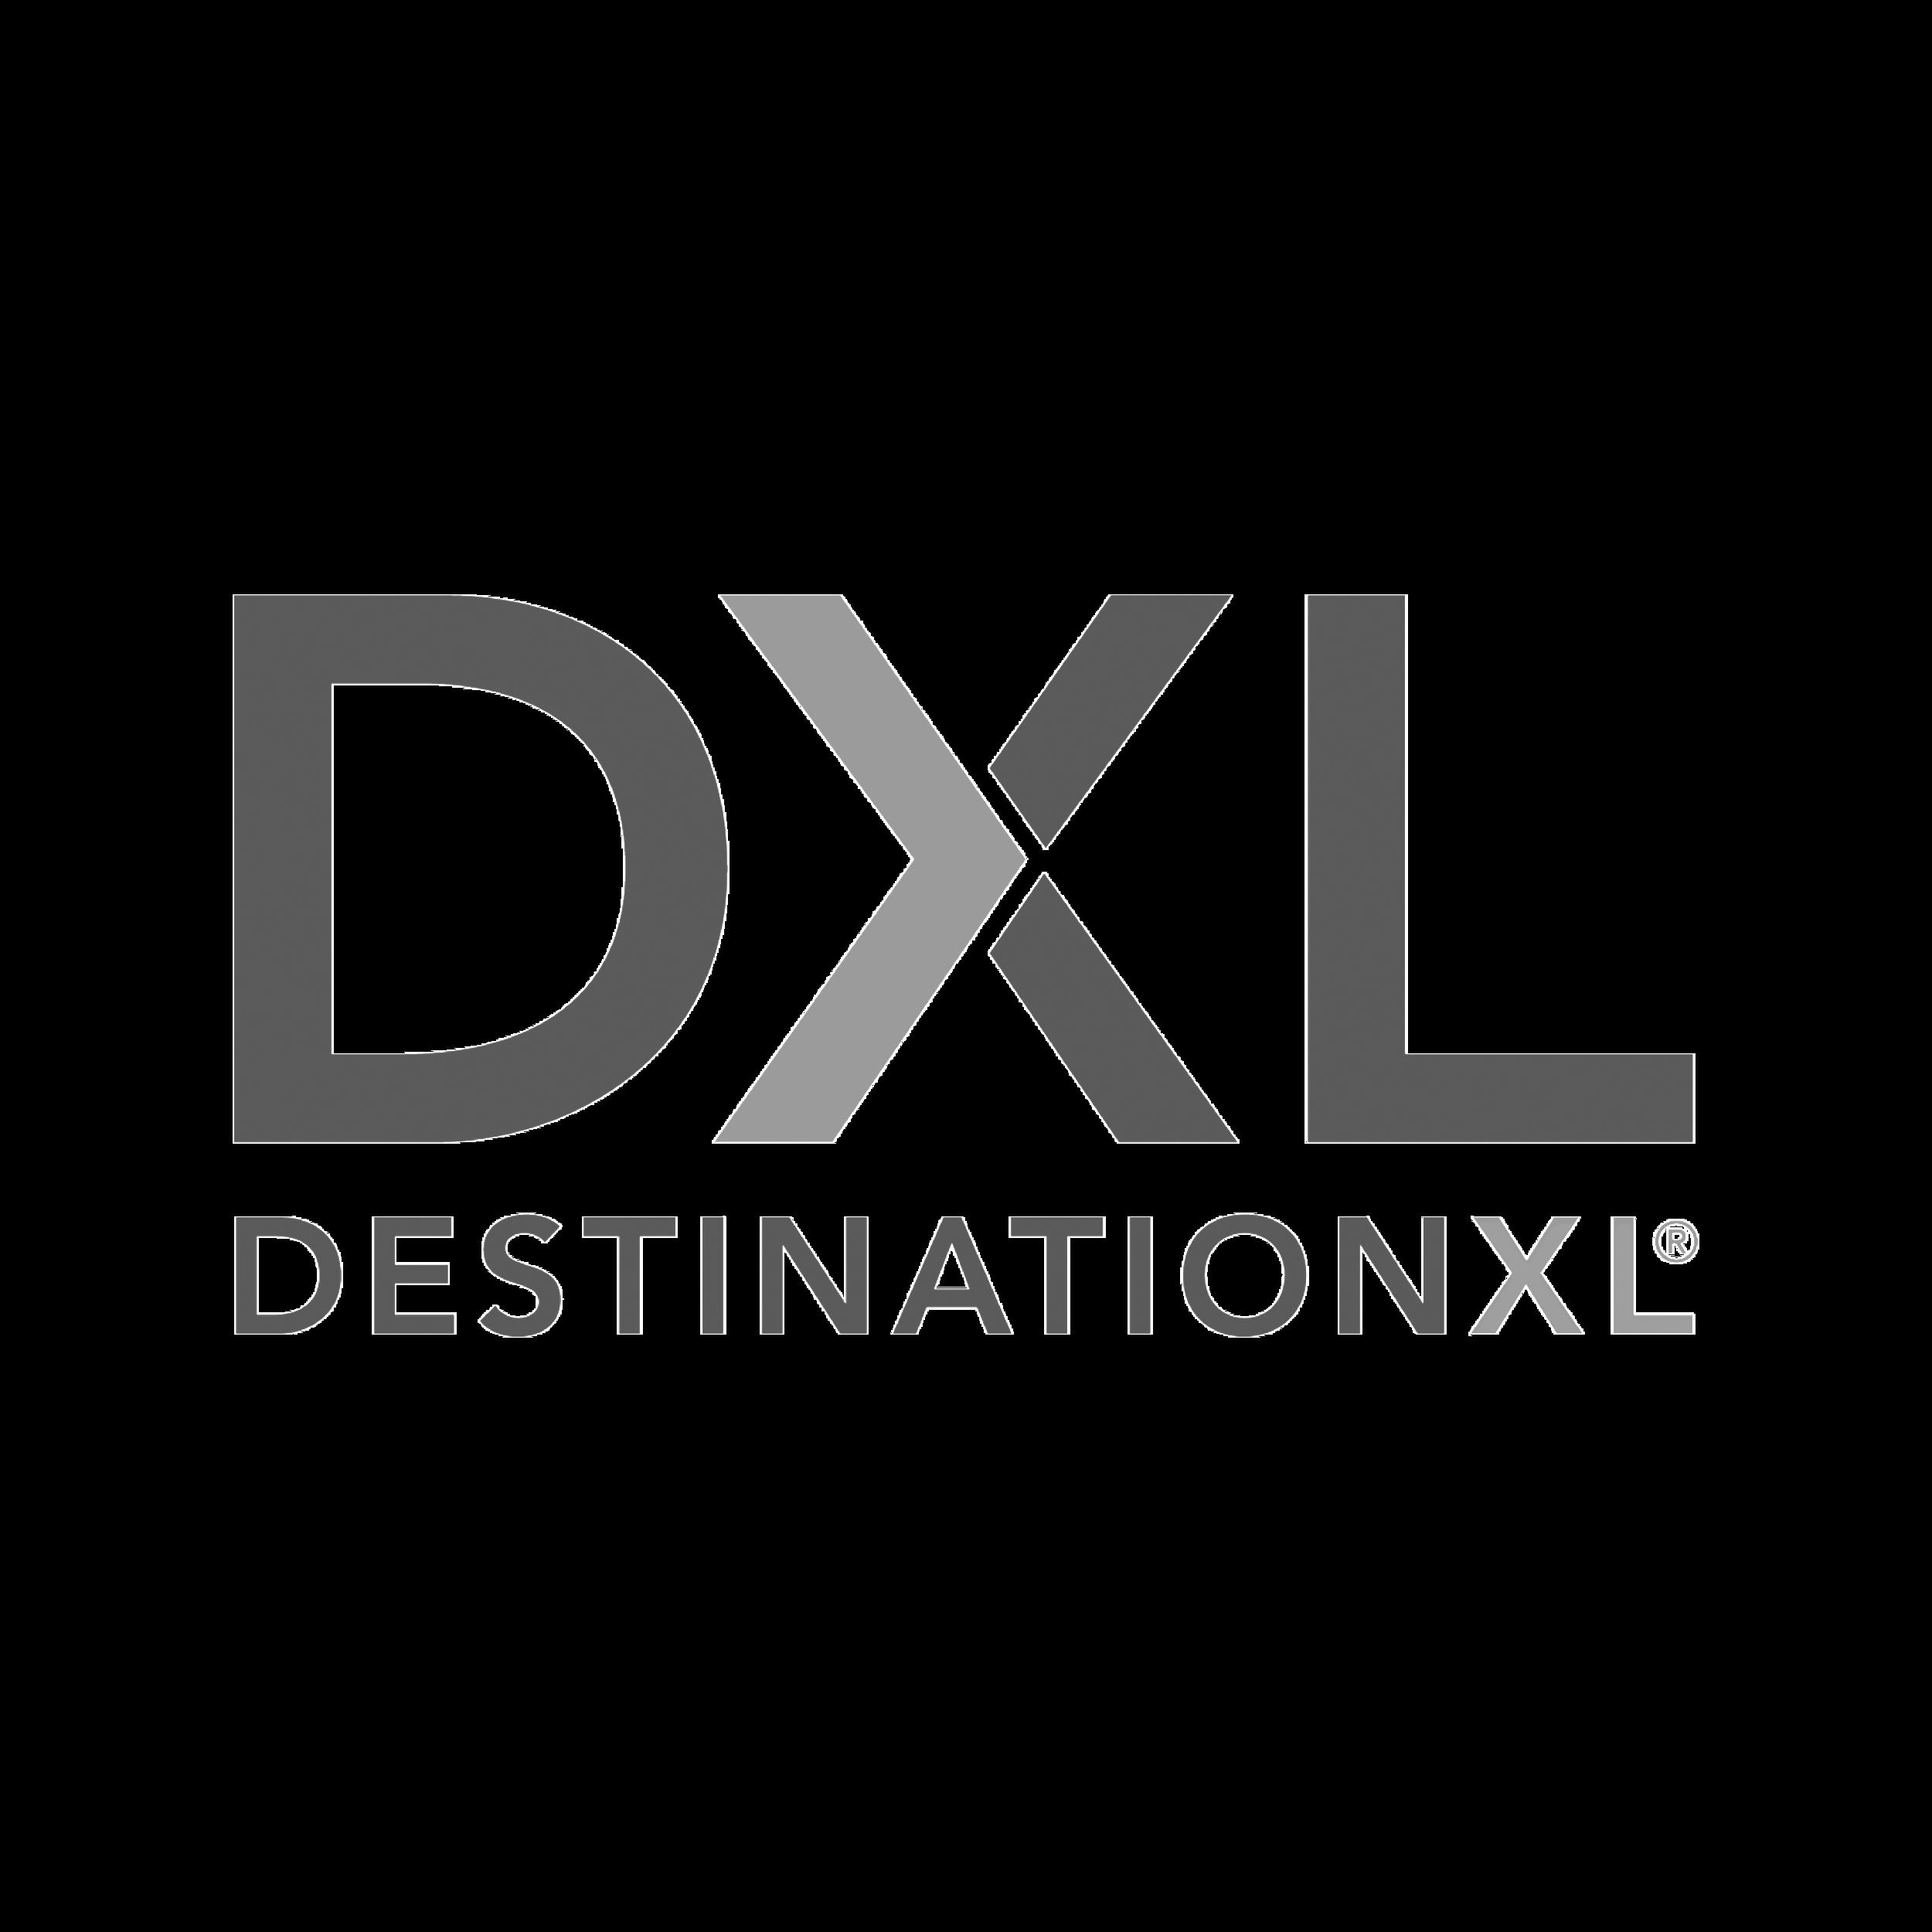 DXL_BW.png